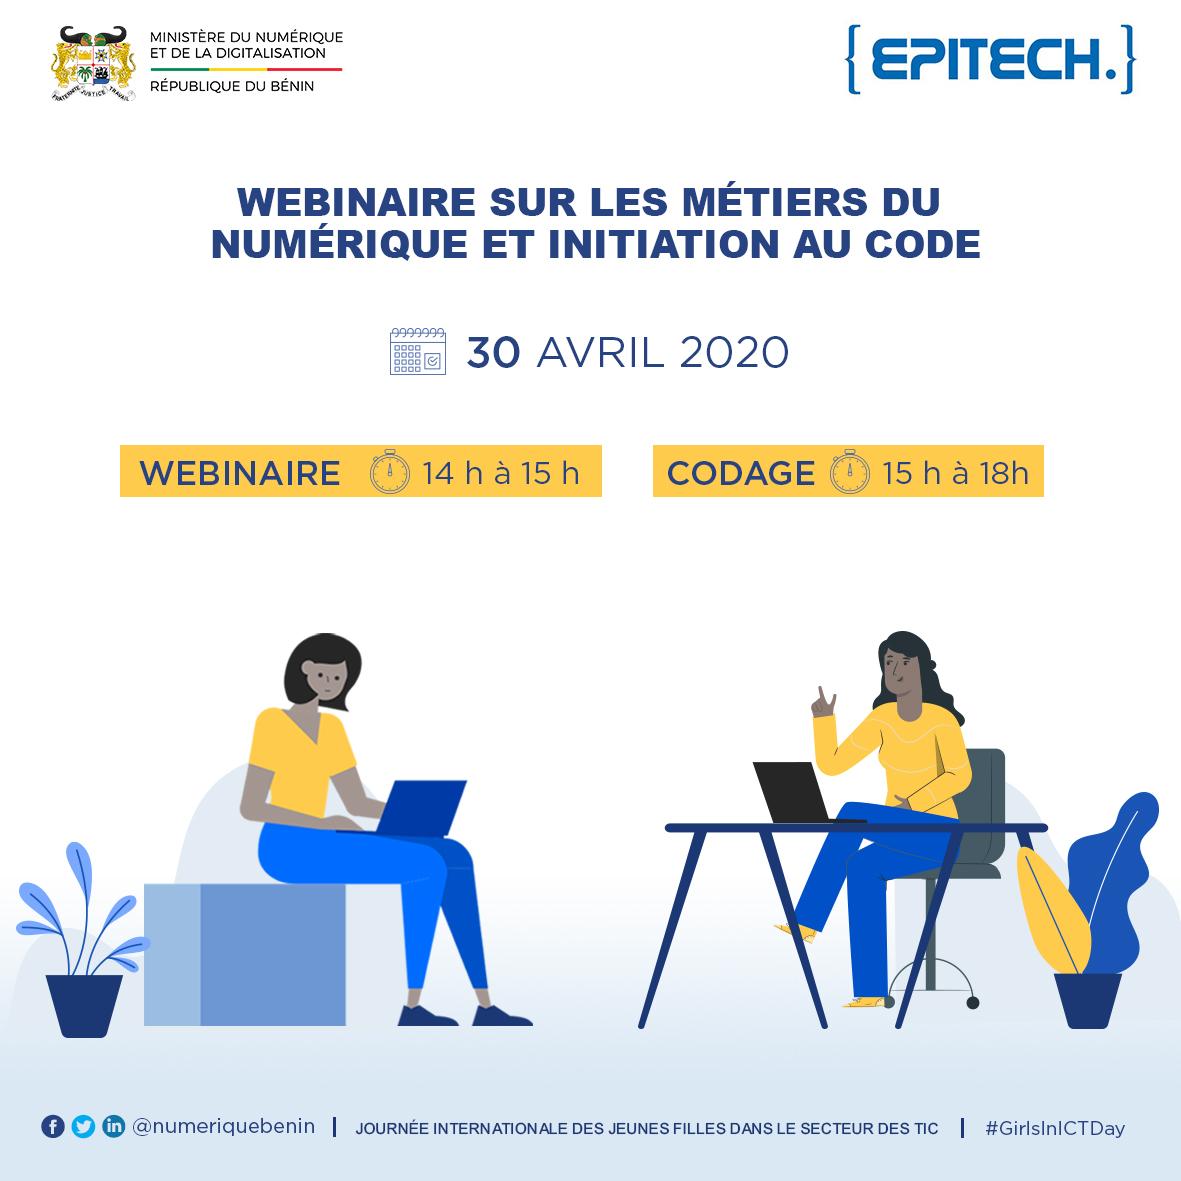 Merci pour votre engouement au #webinaire sur les métiers du numérique et l'initiation au code organisée par @numeriquebenin en partenariat avec @EpitechBenin dans le cadre de la Journée Internationale #girlsinict2020  Remplissez ce formulaire https://t.co/BC0vtzrqzF @gouvbenin https://t.co/3lQsgUlsPo